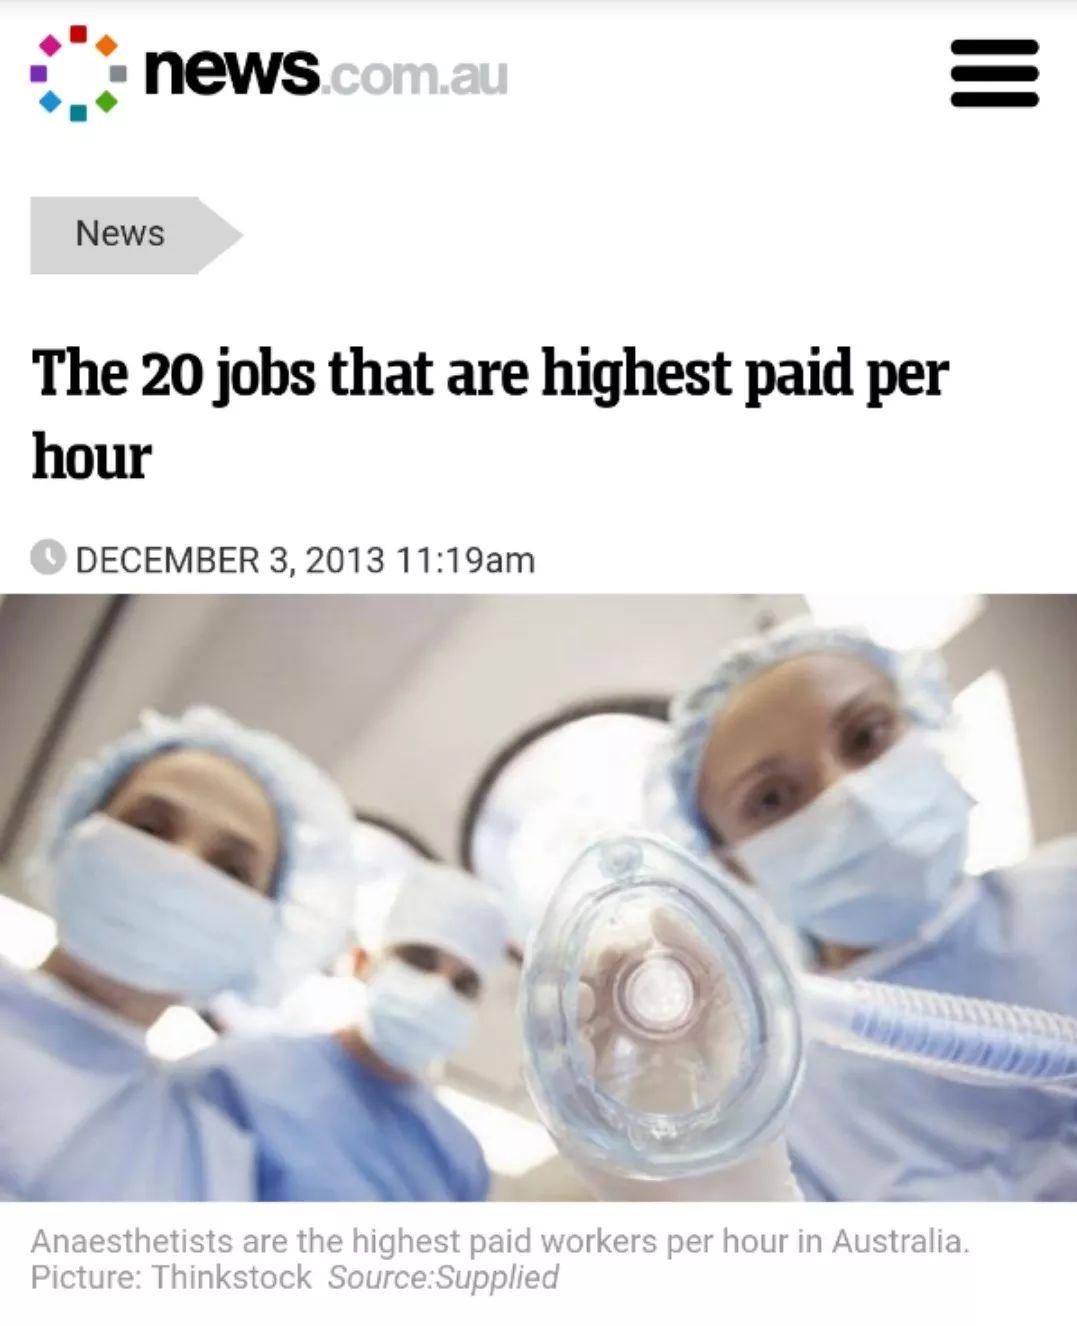 澳洲哪些工作时薪最高?答案可能出乎意料…